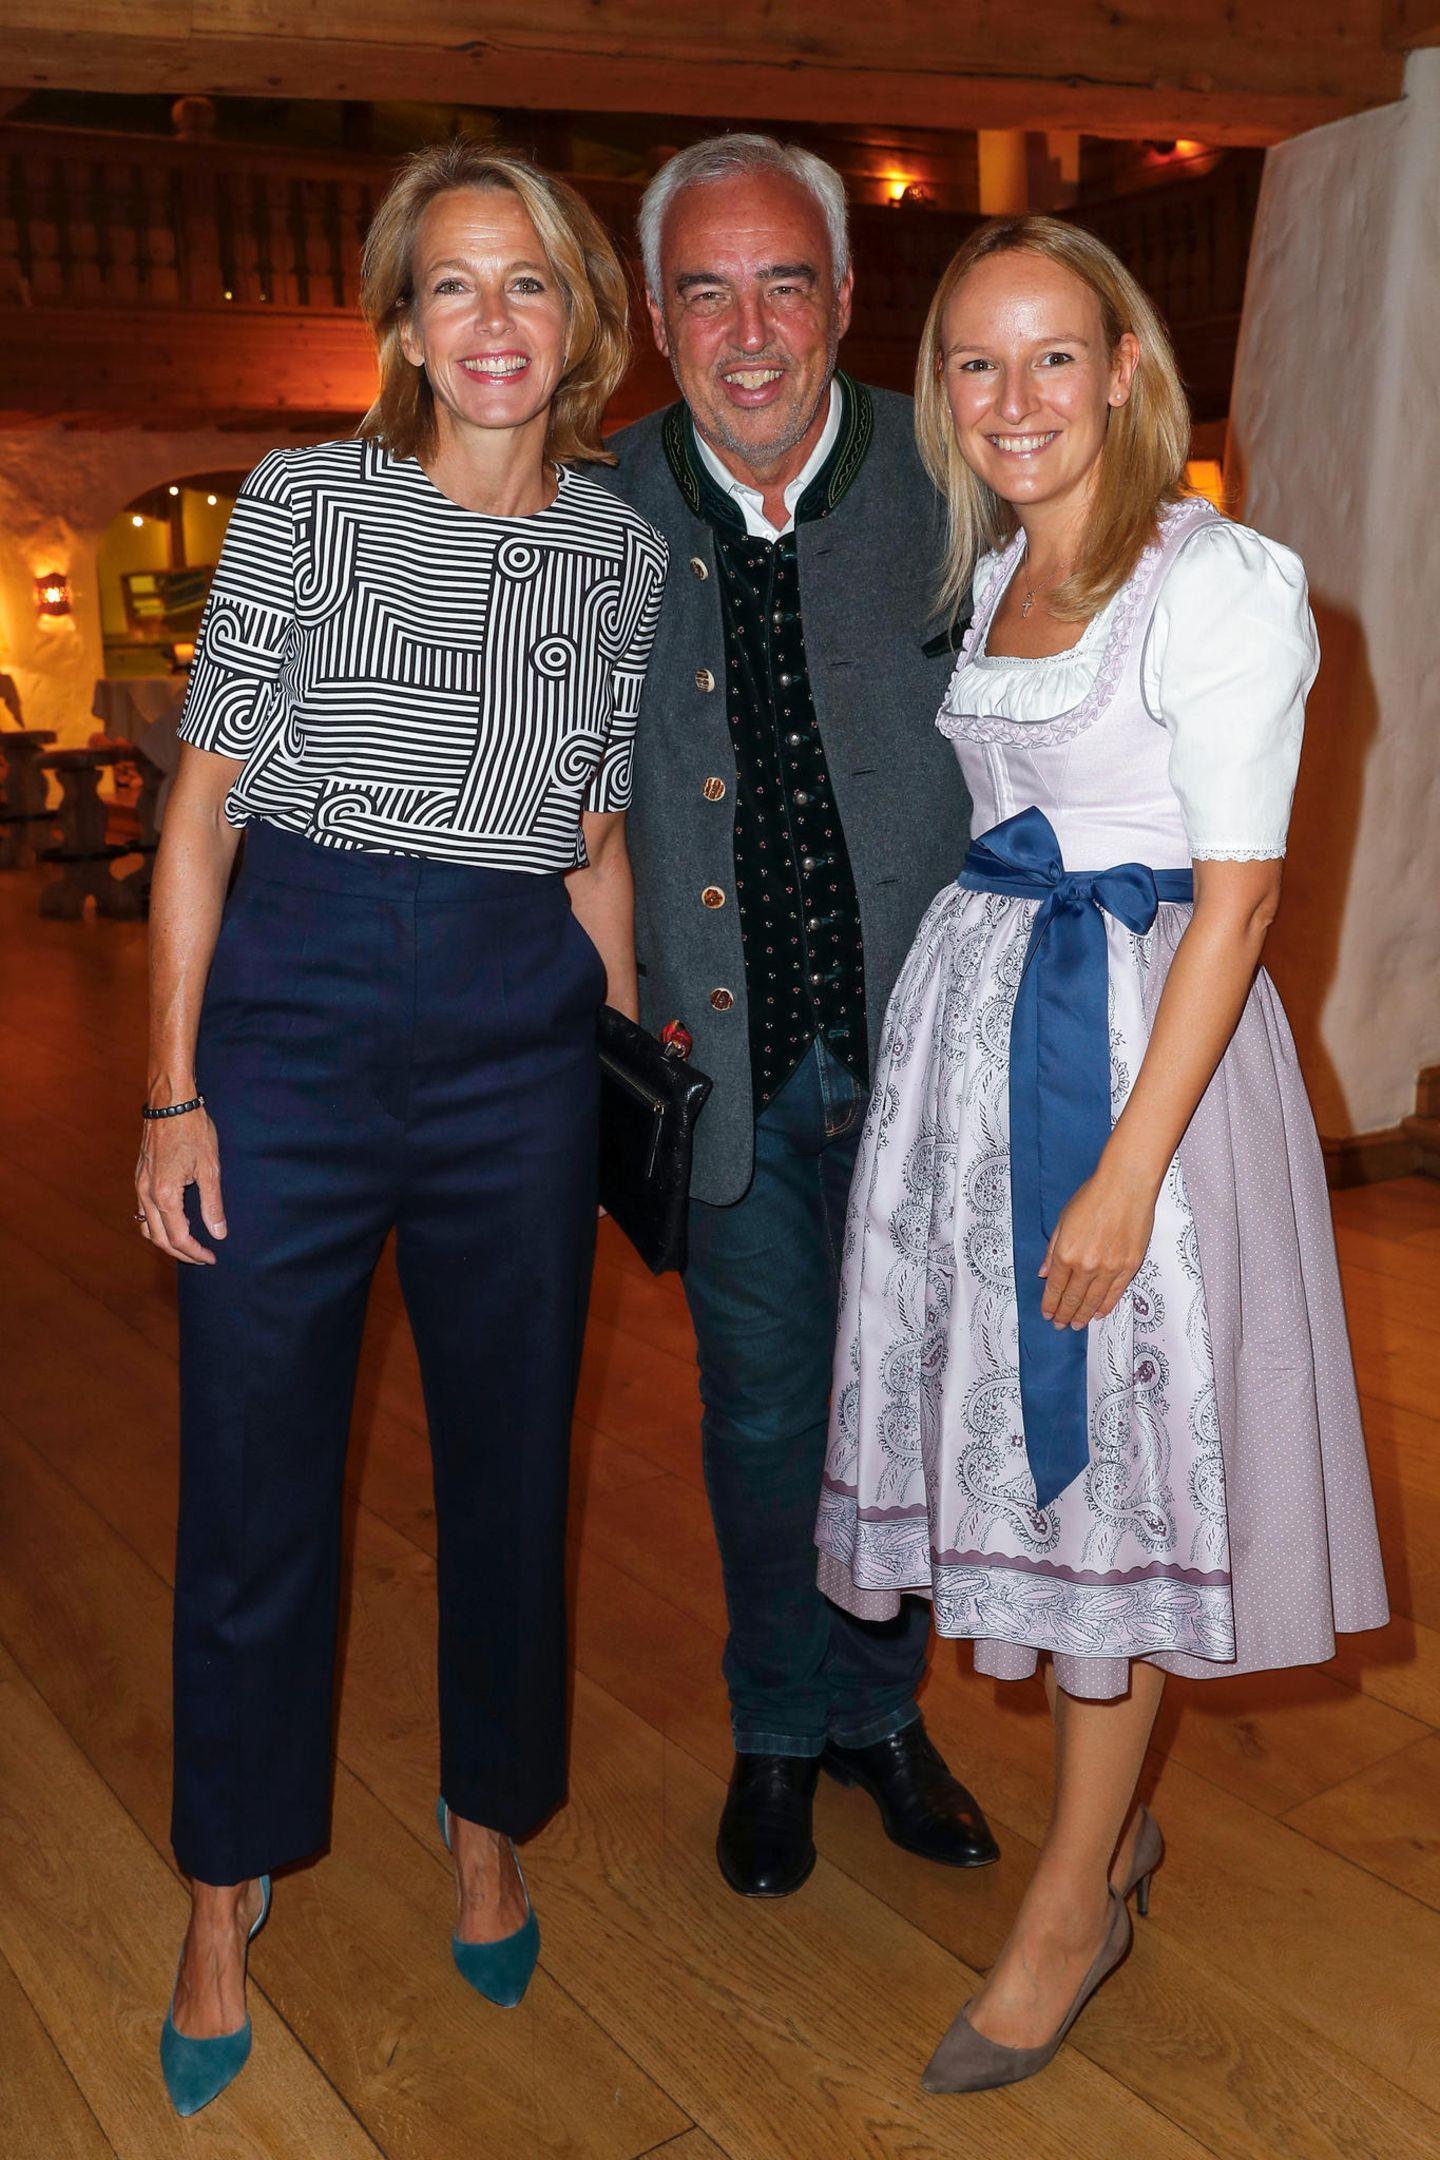 Die Gastgeber Julia Jäkel (CEO Gruner + Jahr) und Hans-Reiner Schröder (Direktor BMW Berlin) zusammen mit Maria Hauser-Lederer vom Bio- und Wellnessresort Stanglwirt.